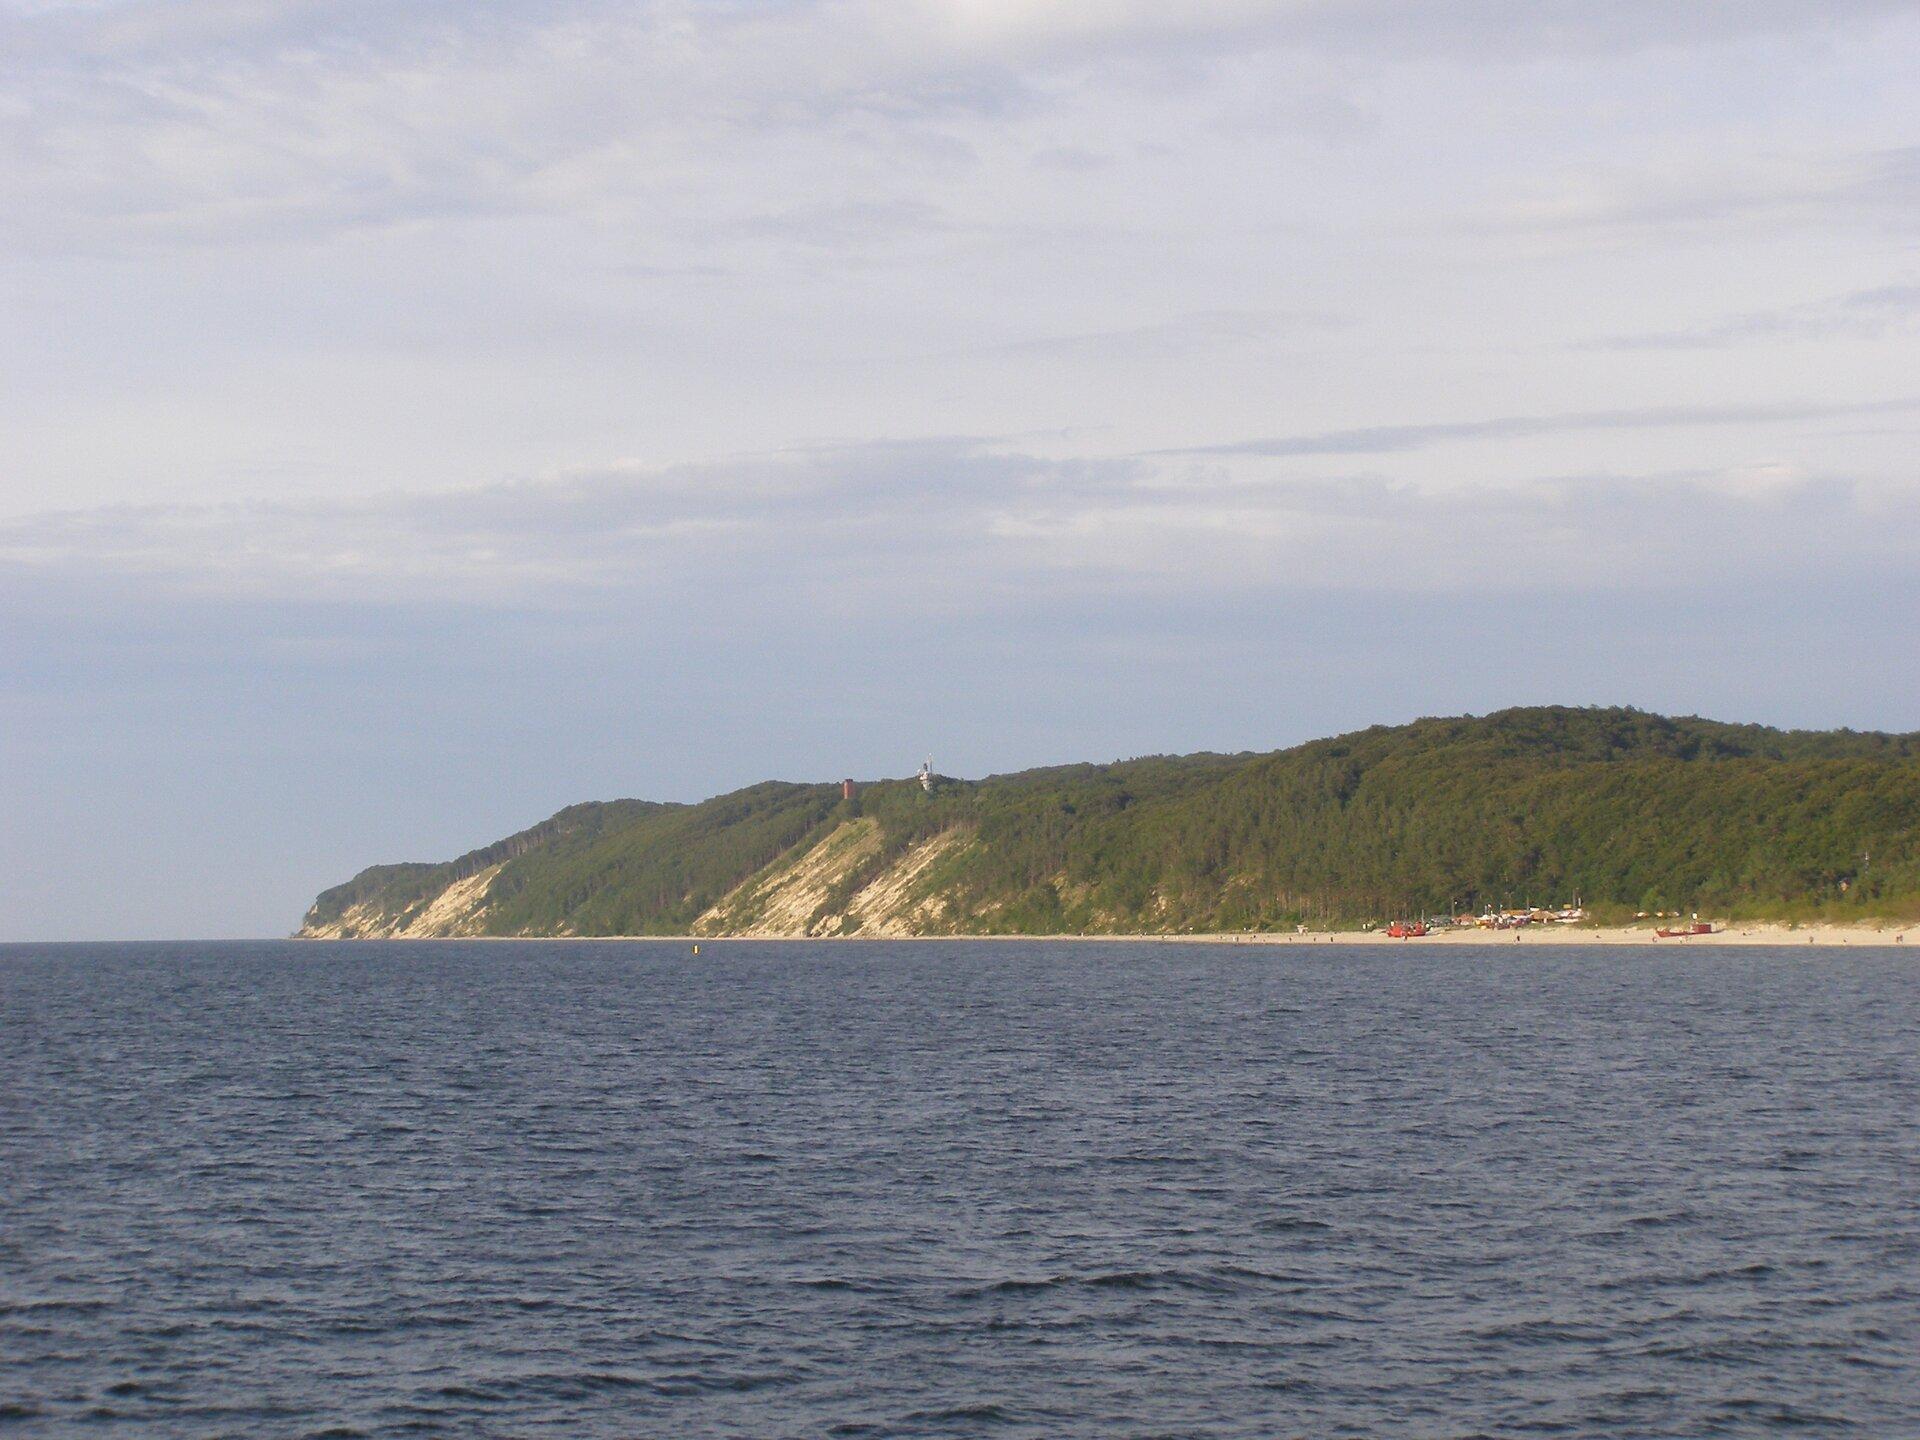 Malowniczy klif na wyspie Wolin